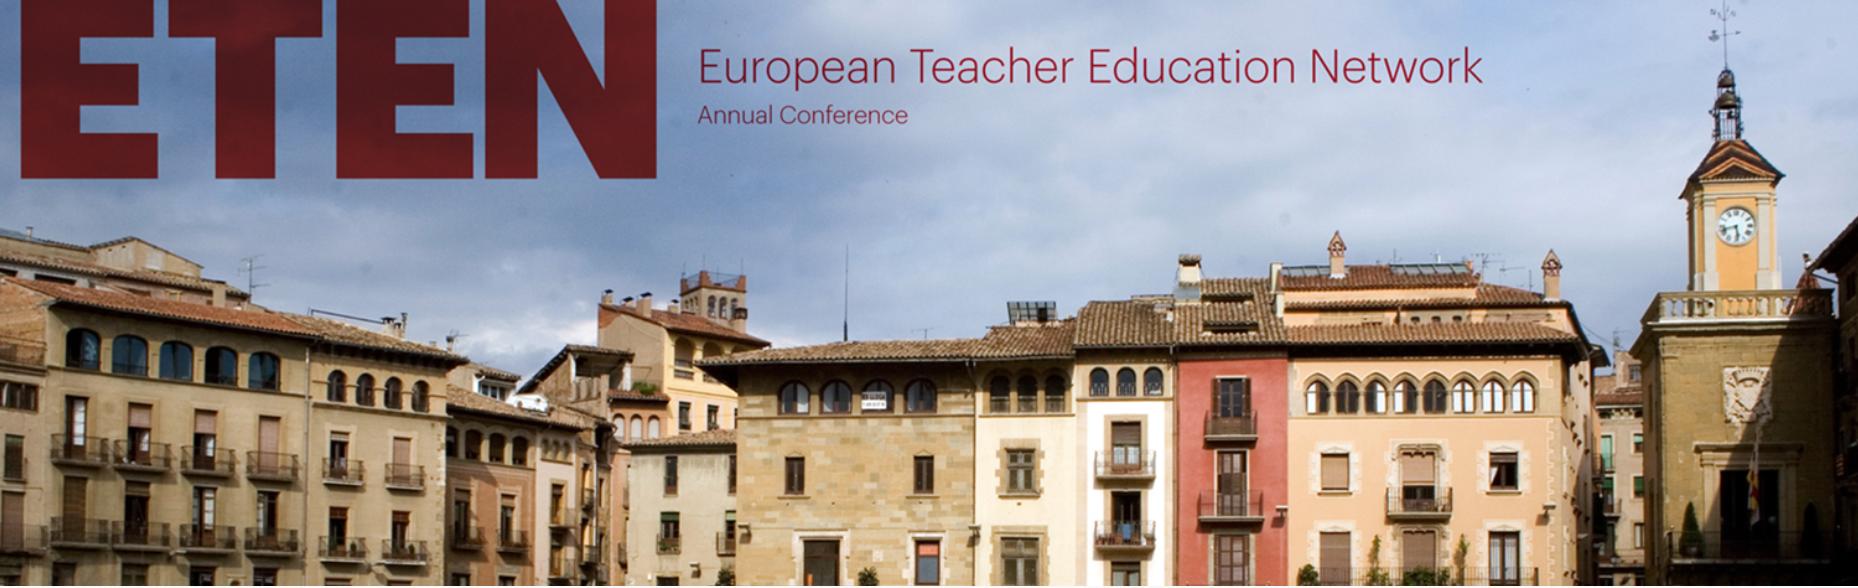 ETEN Annual Conference 2019 - U-Divulga